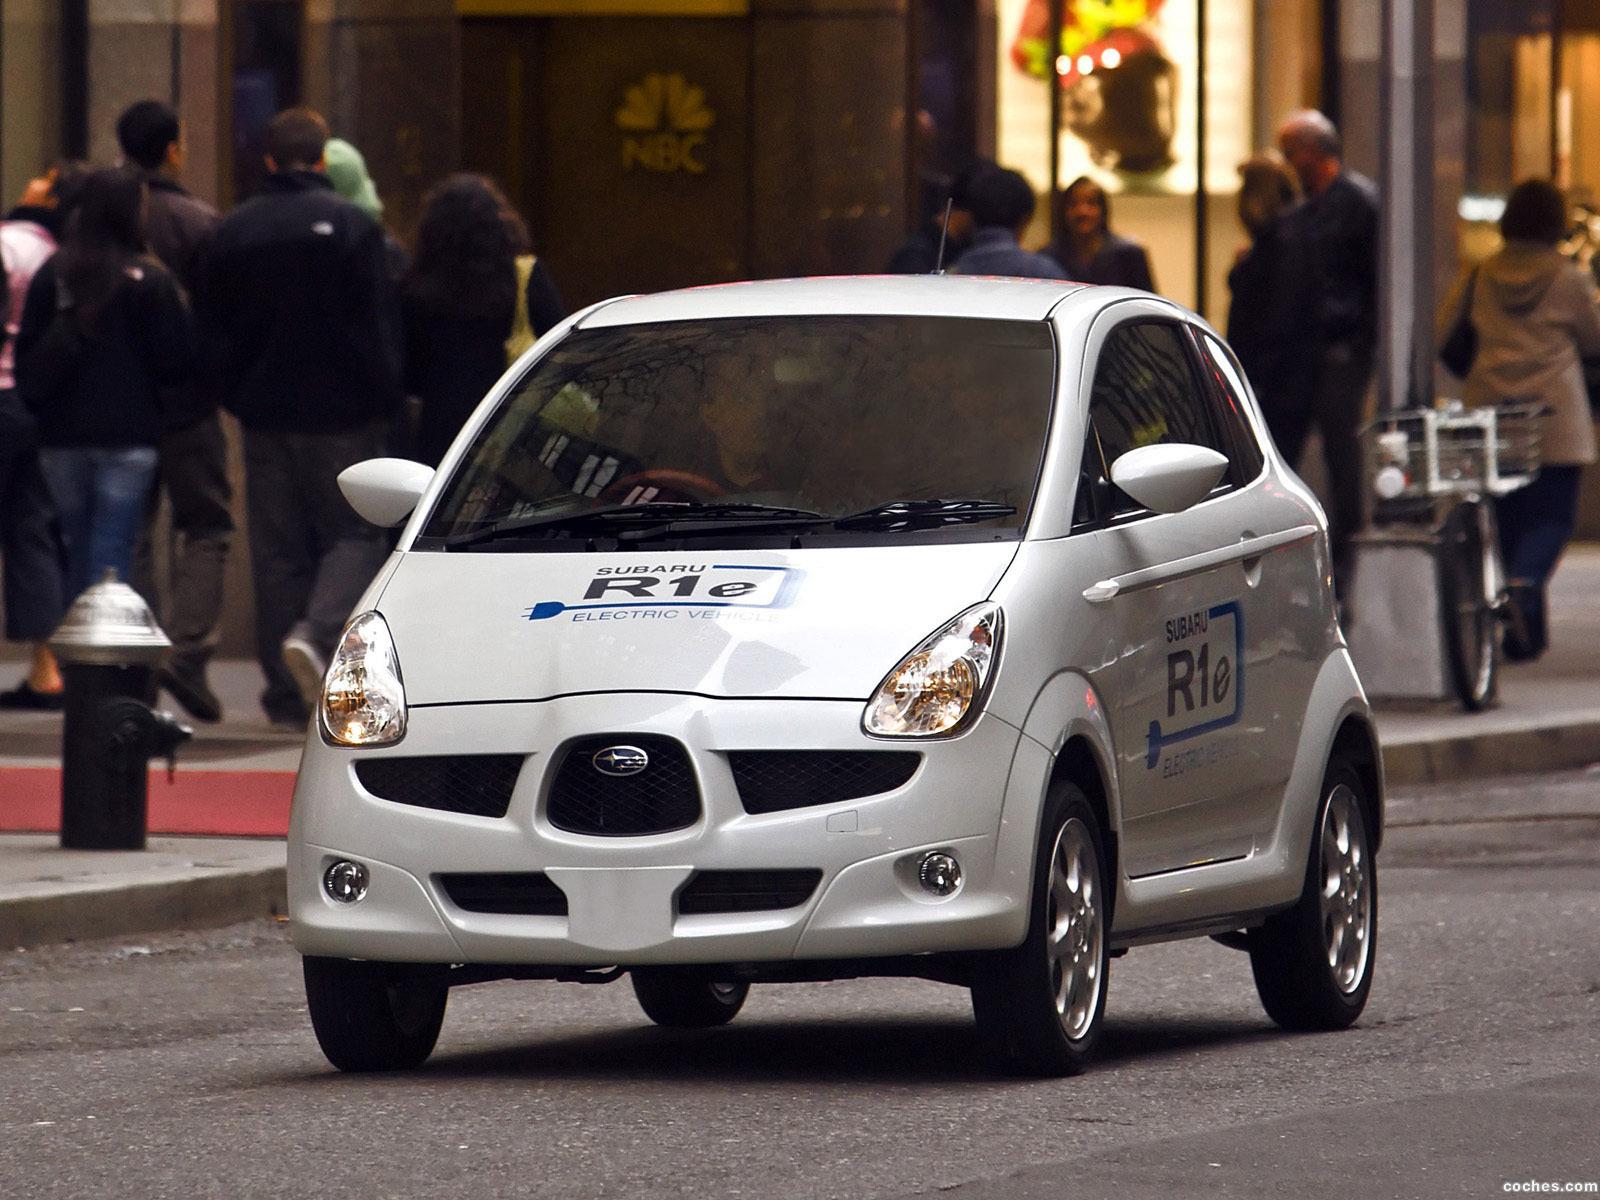 Foto 0 de Subaru R1 E prototype 2008